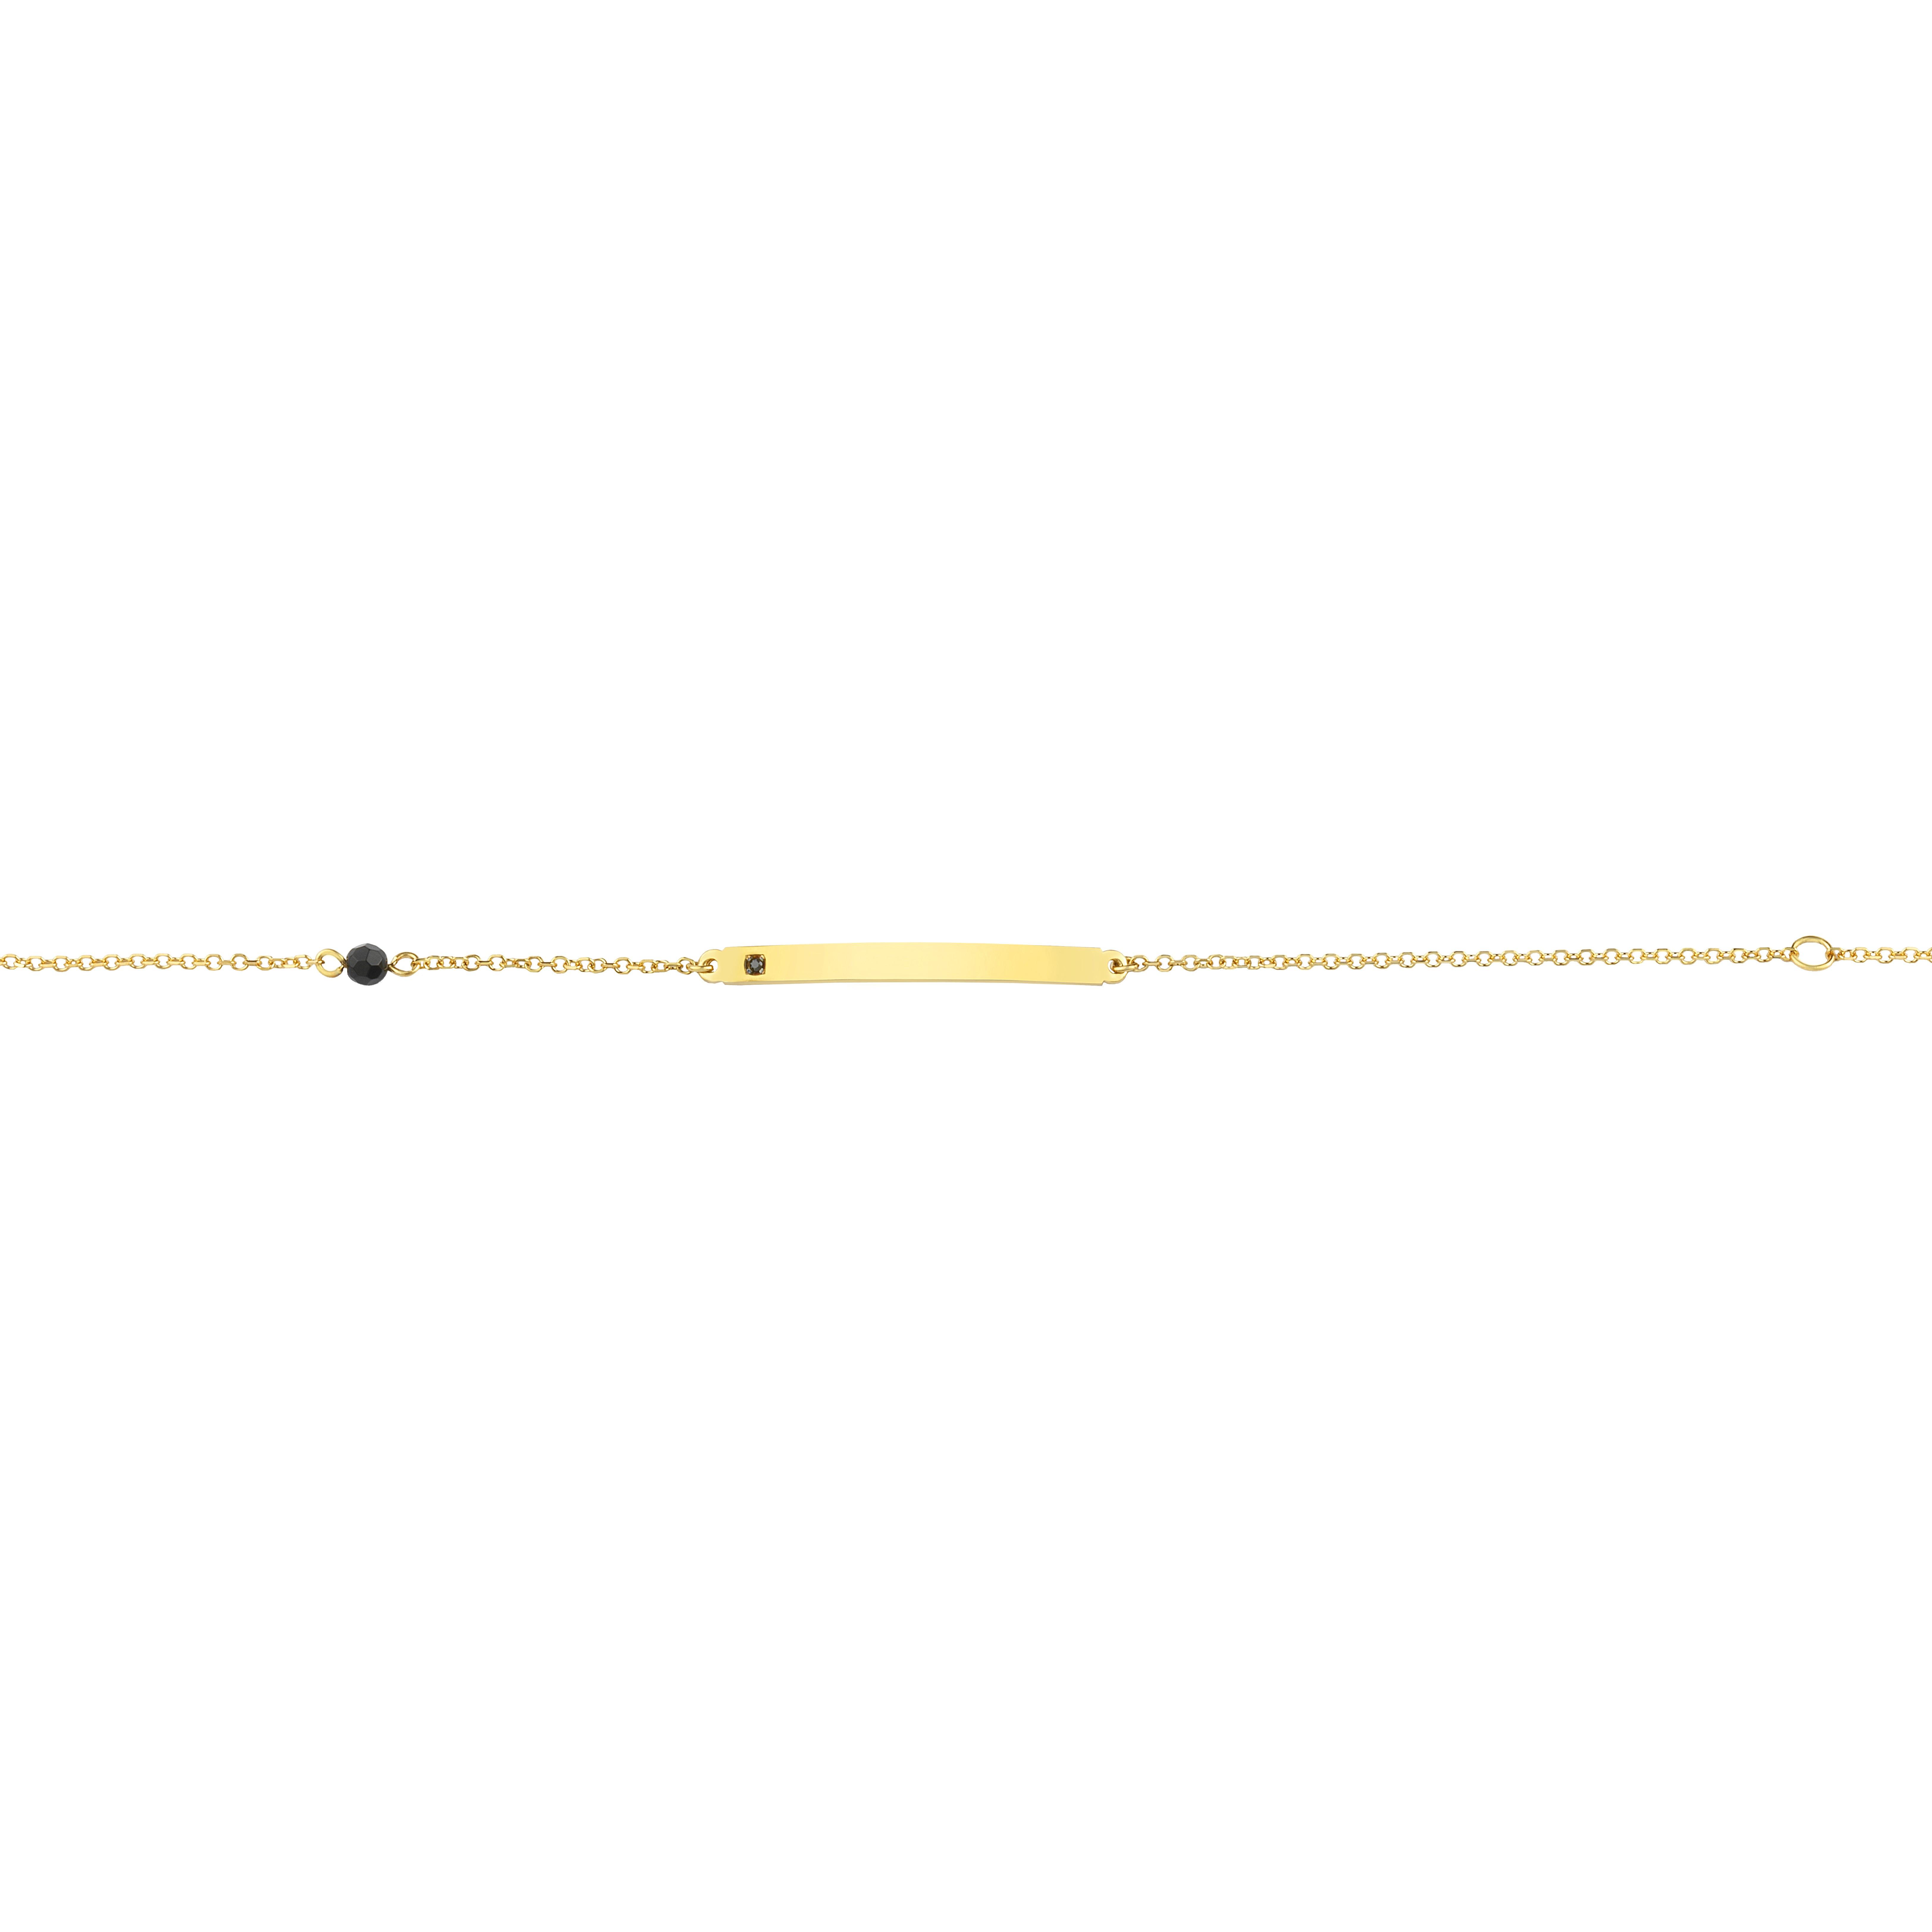 Παιδική Ταυτότητα με Σπινέλιο Χρυσός Κ9 - 1T217